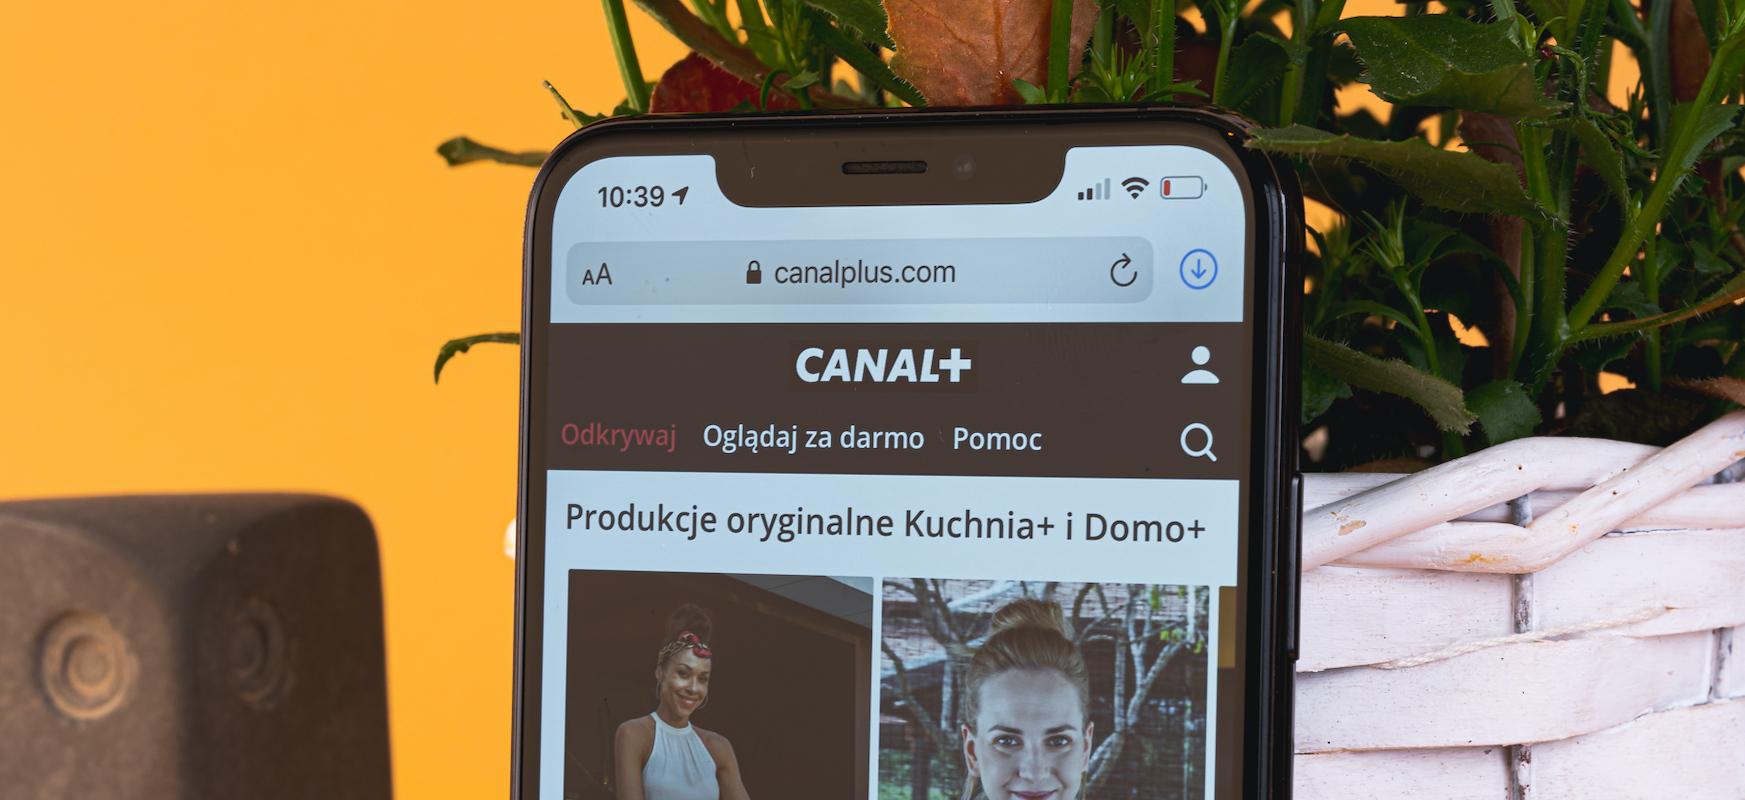 canal-plus vod przez internet